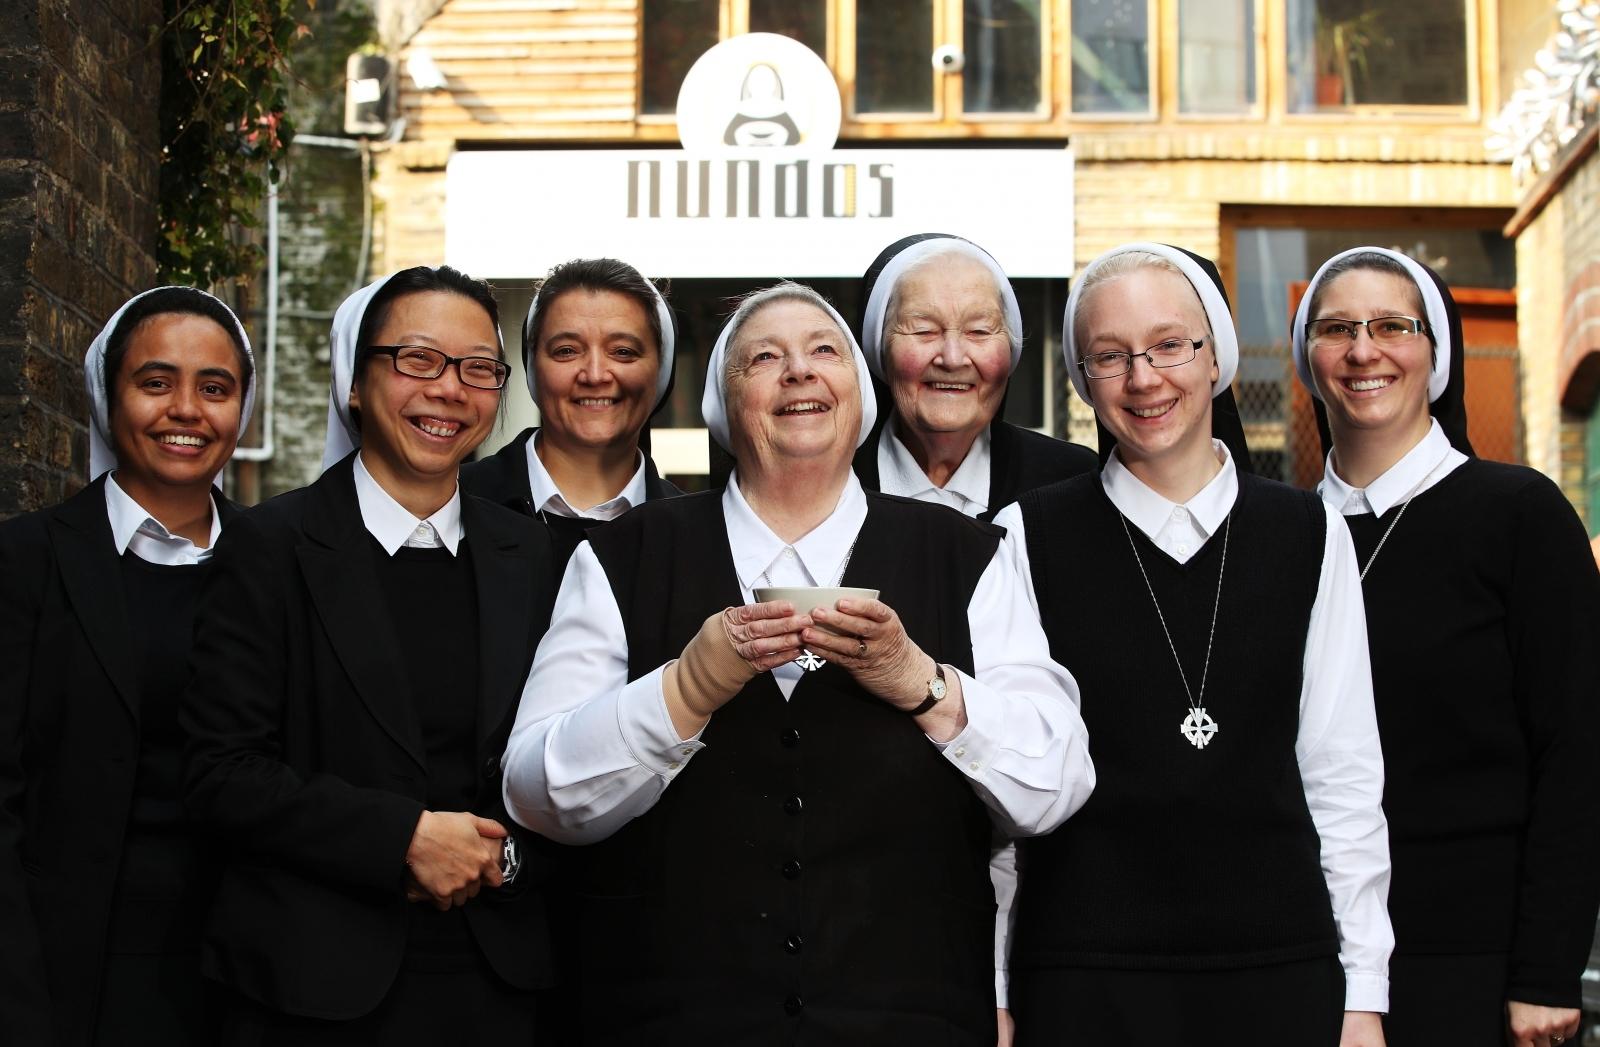 Nundos staff